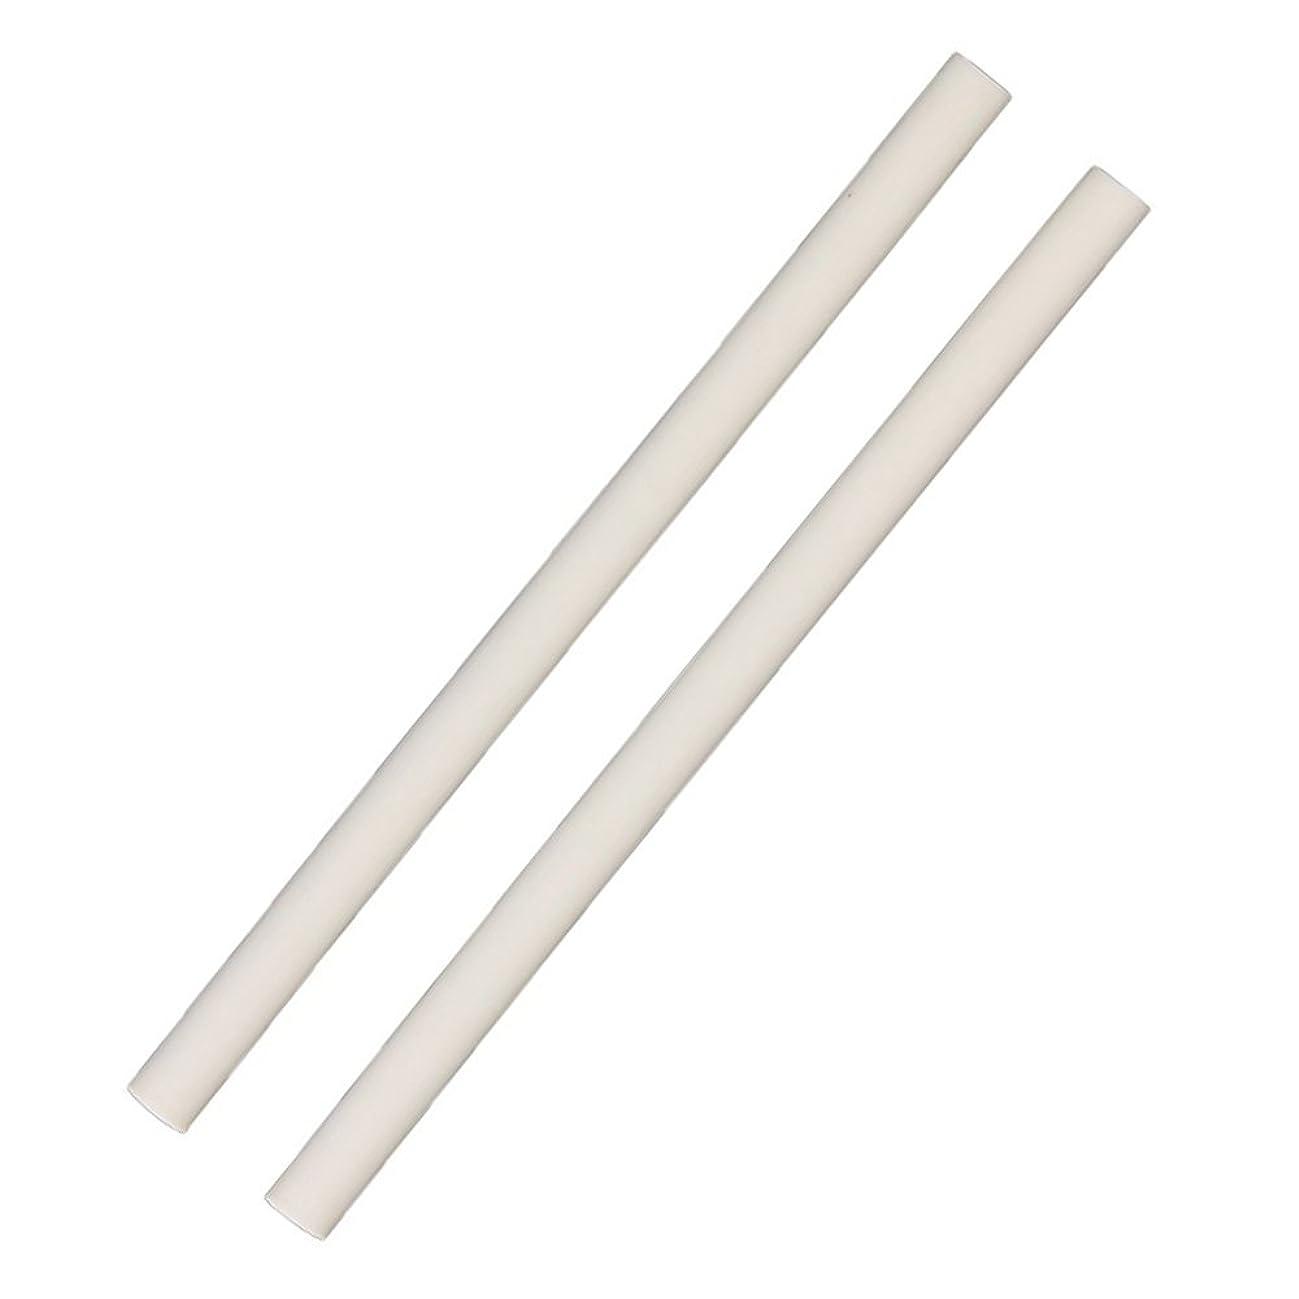 Sewline Eraser Stick Refill 2ct